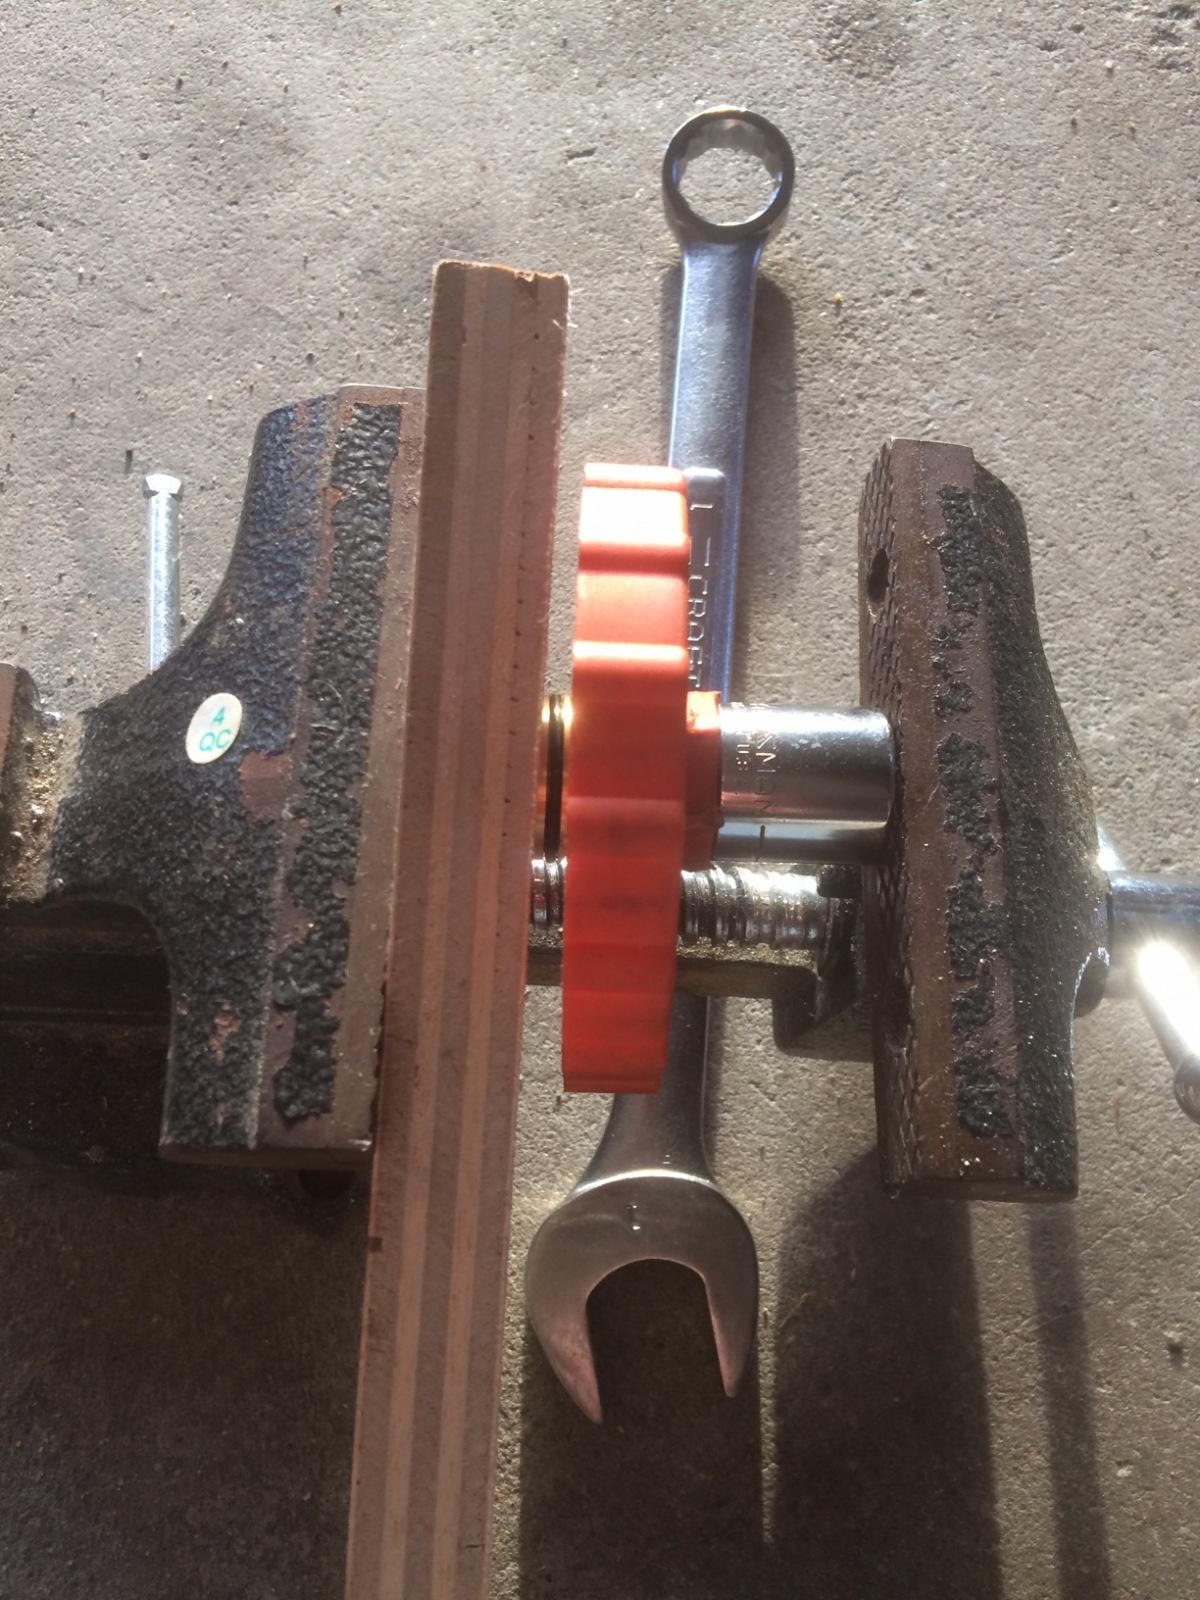 Pinion gear jig 2.JPG